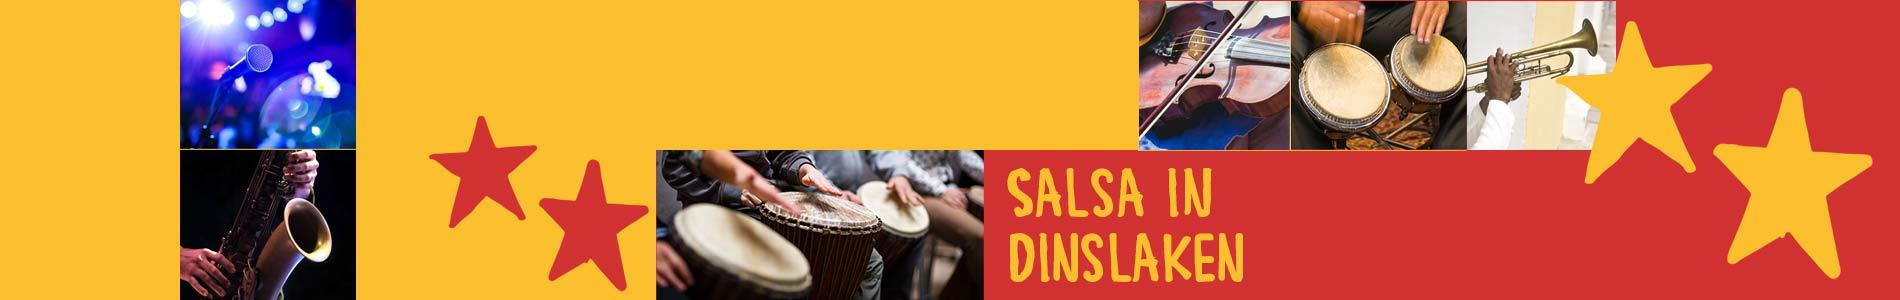 Salsa in Dinslaken – Salsa lernen und tanzen, Tanzkurse, Partys, Veranstaltungen